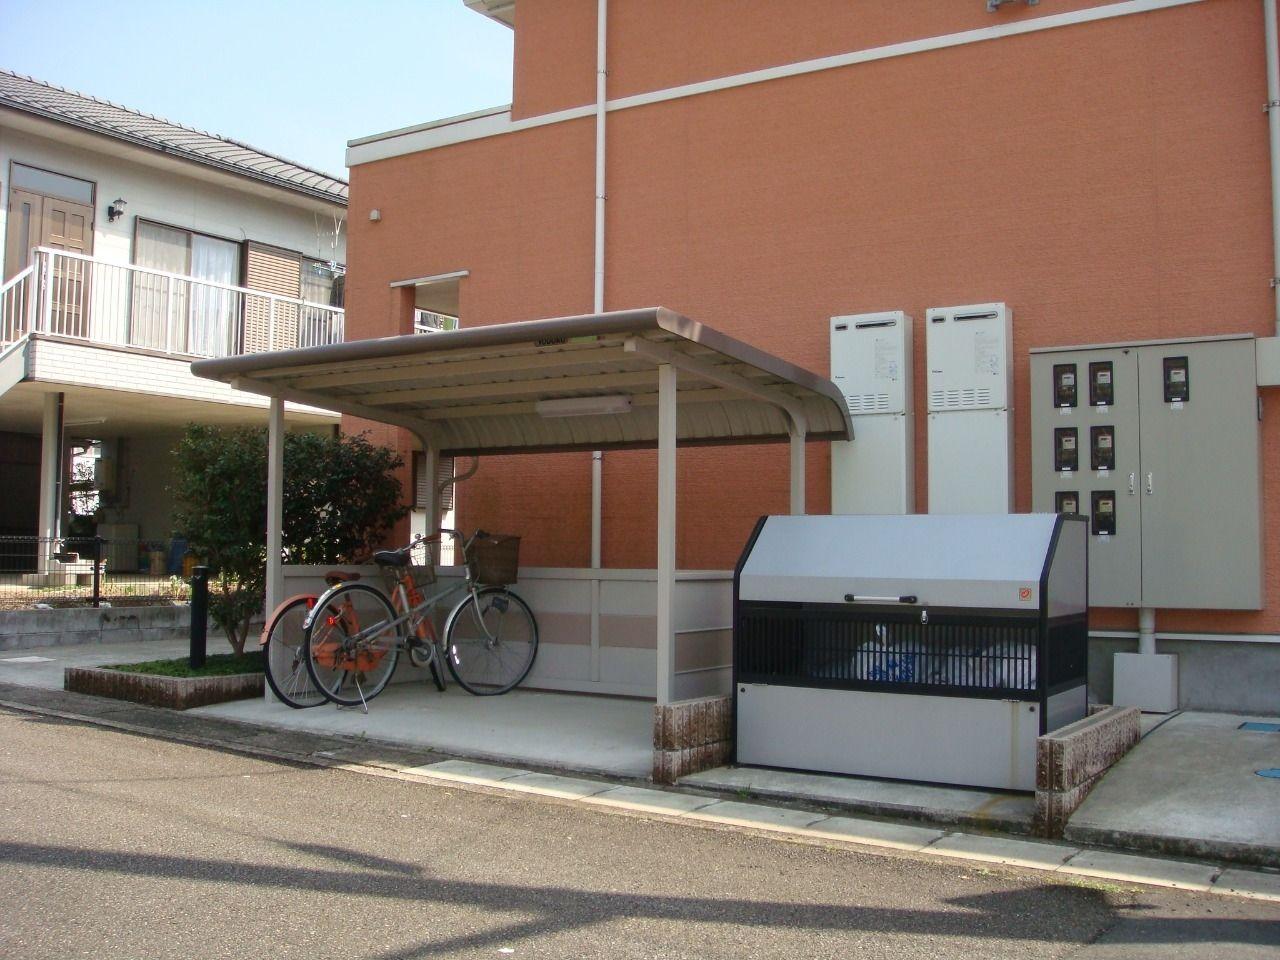 自転車をお持ちの方は、こちらをご利用ください。ゴミステーションがあることで周辺の清潔さも保ってくれます。